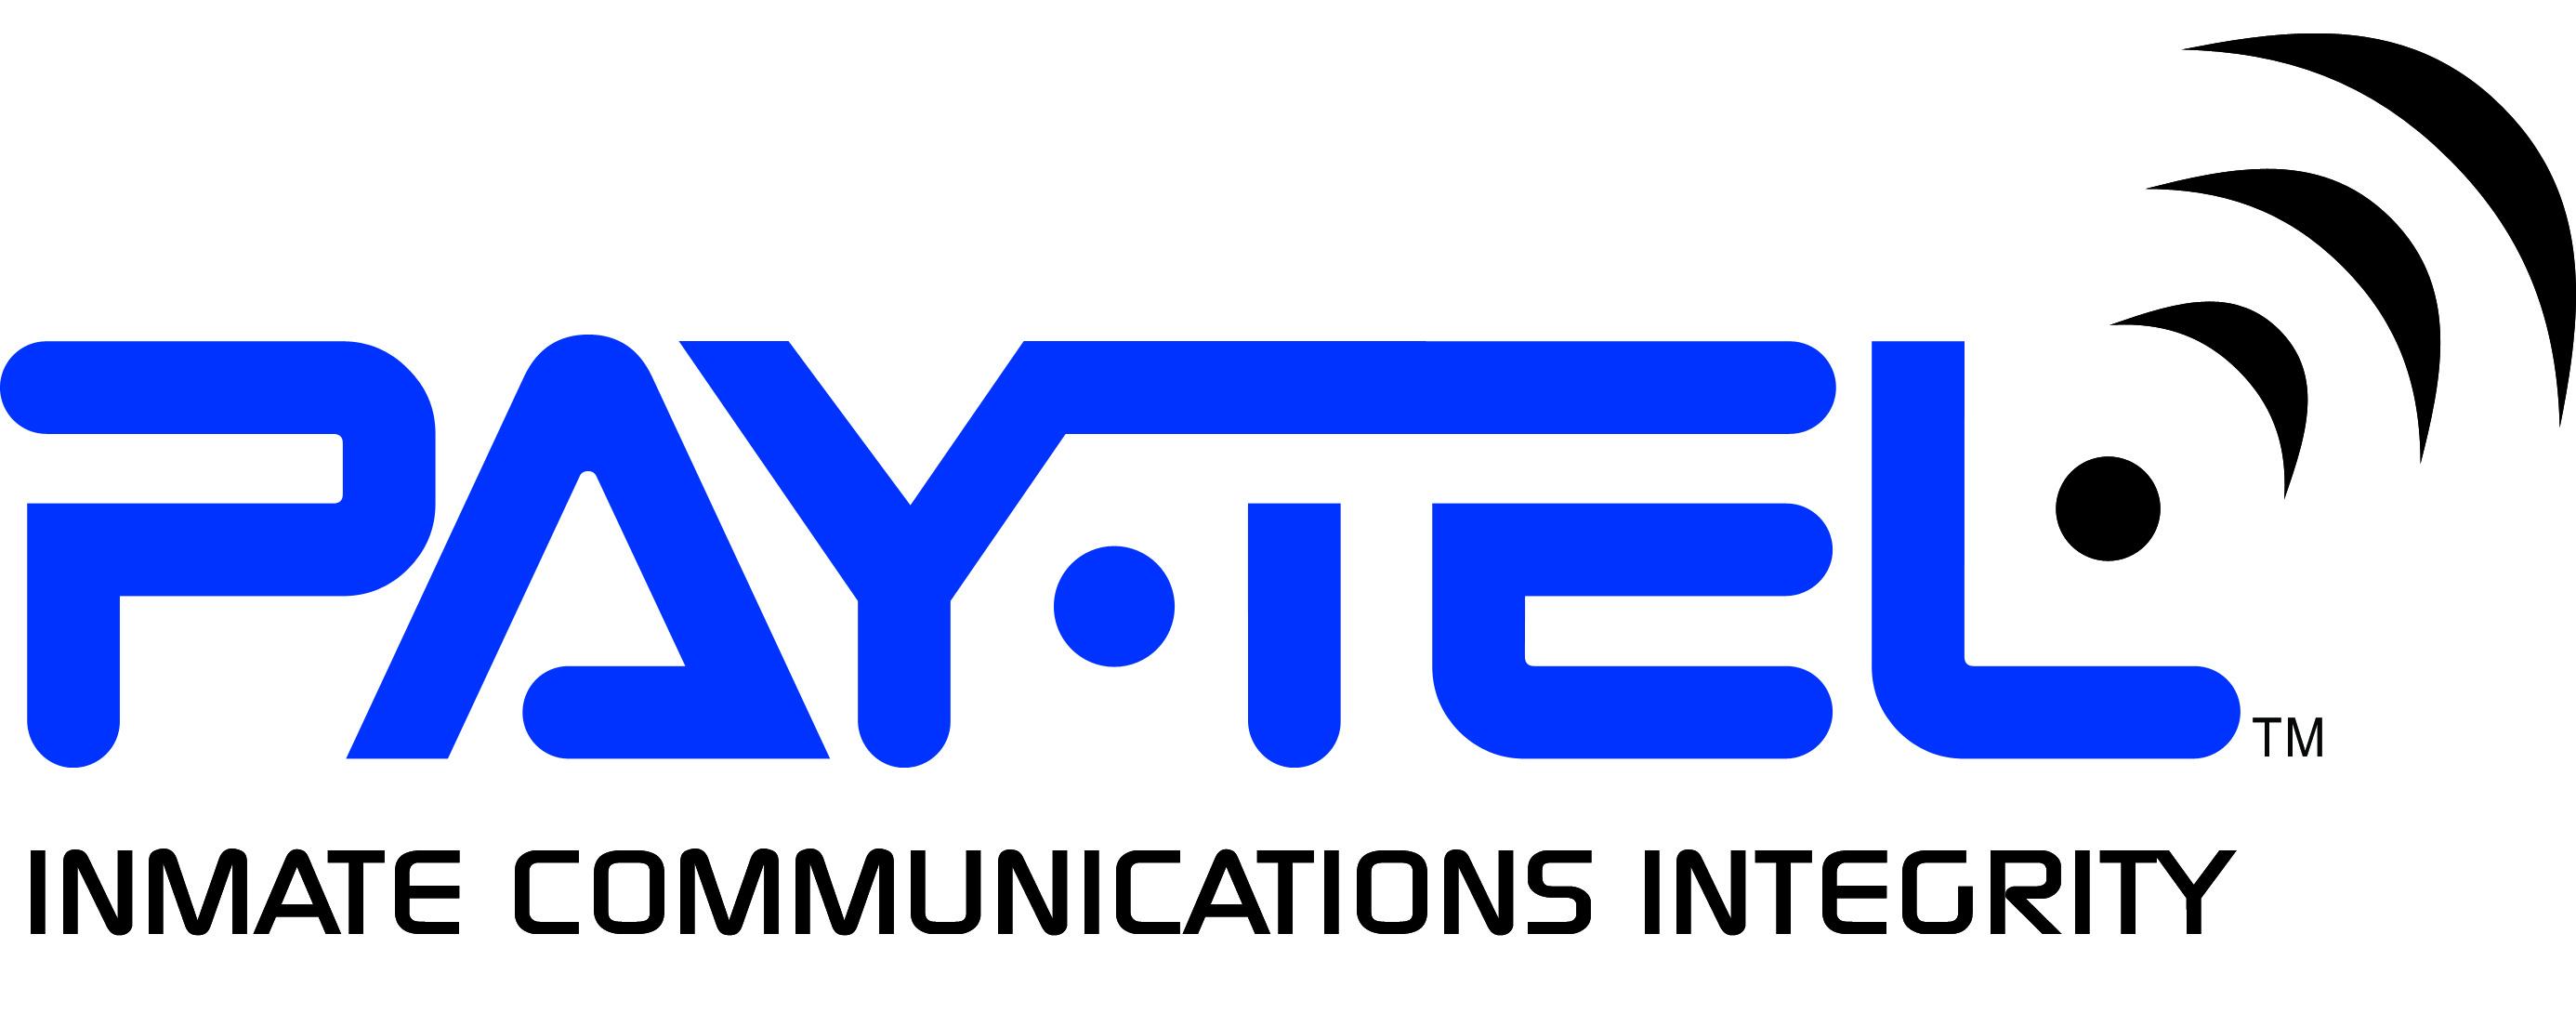 PayTel_IntegrityLogo_CMYK